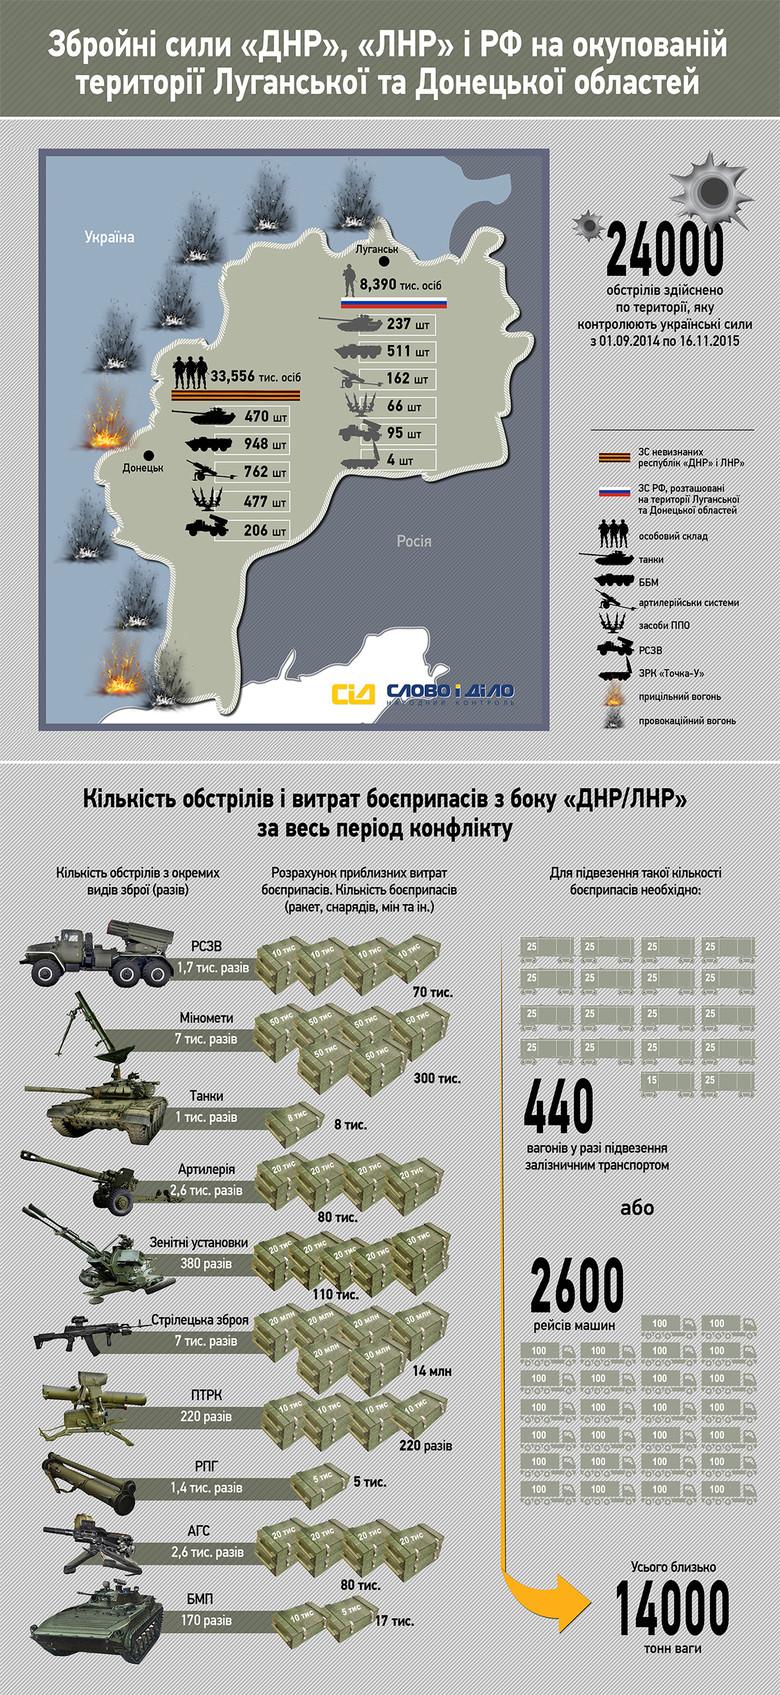 «Слово і Діло» вирішило розібратися, яка кількість бойовиків перебуває на окупованих територіях Донецької та Луганської областей і скільки разів здійснювалися обстріли українських позицій.